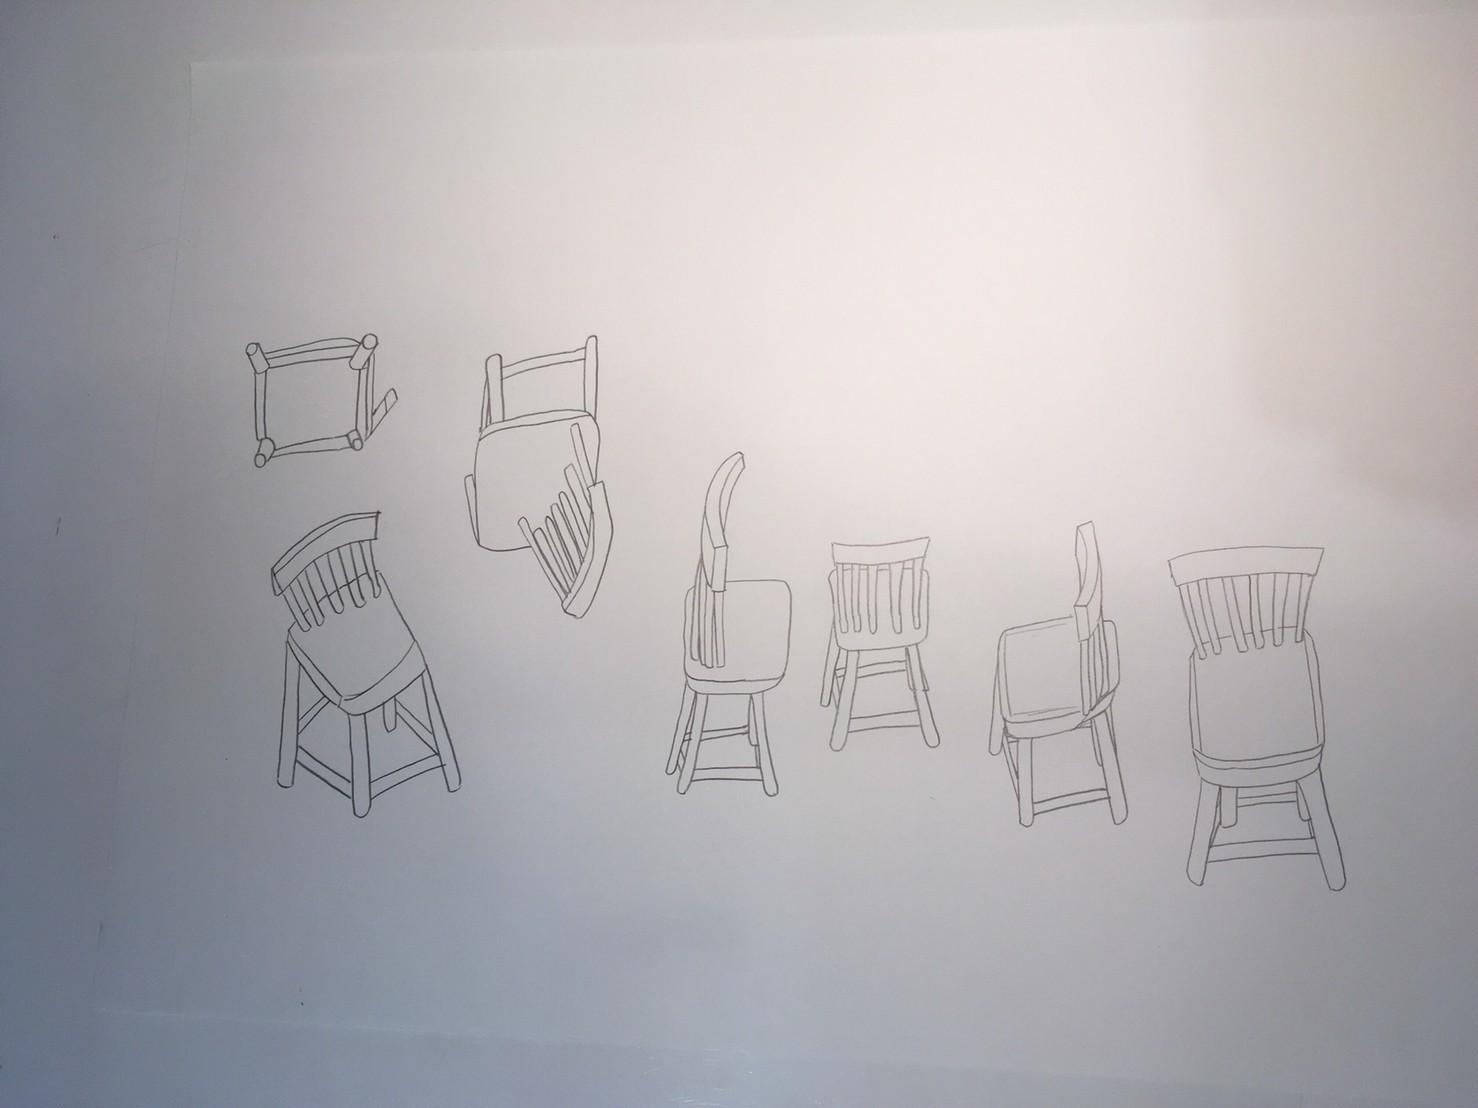 鉛筆で描こう~立体の表現へ向けて~_d0076558_15165462.jpg